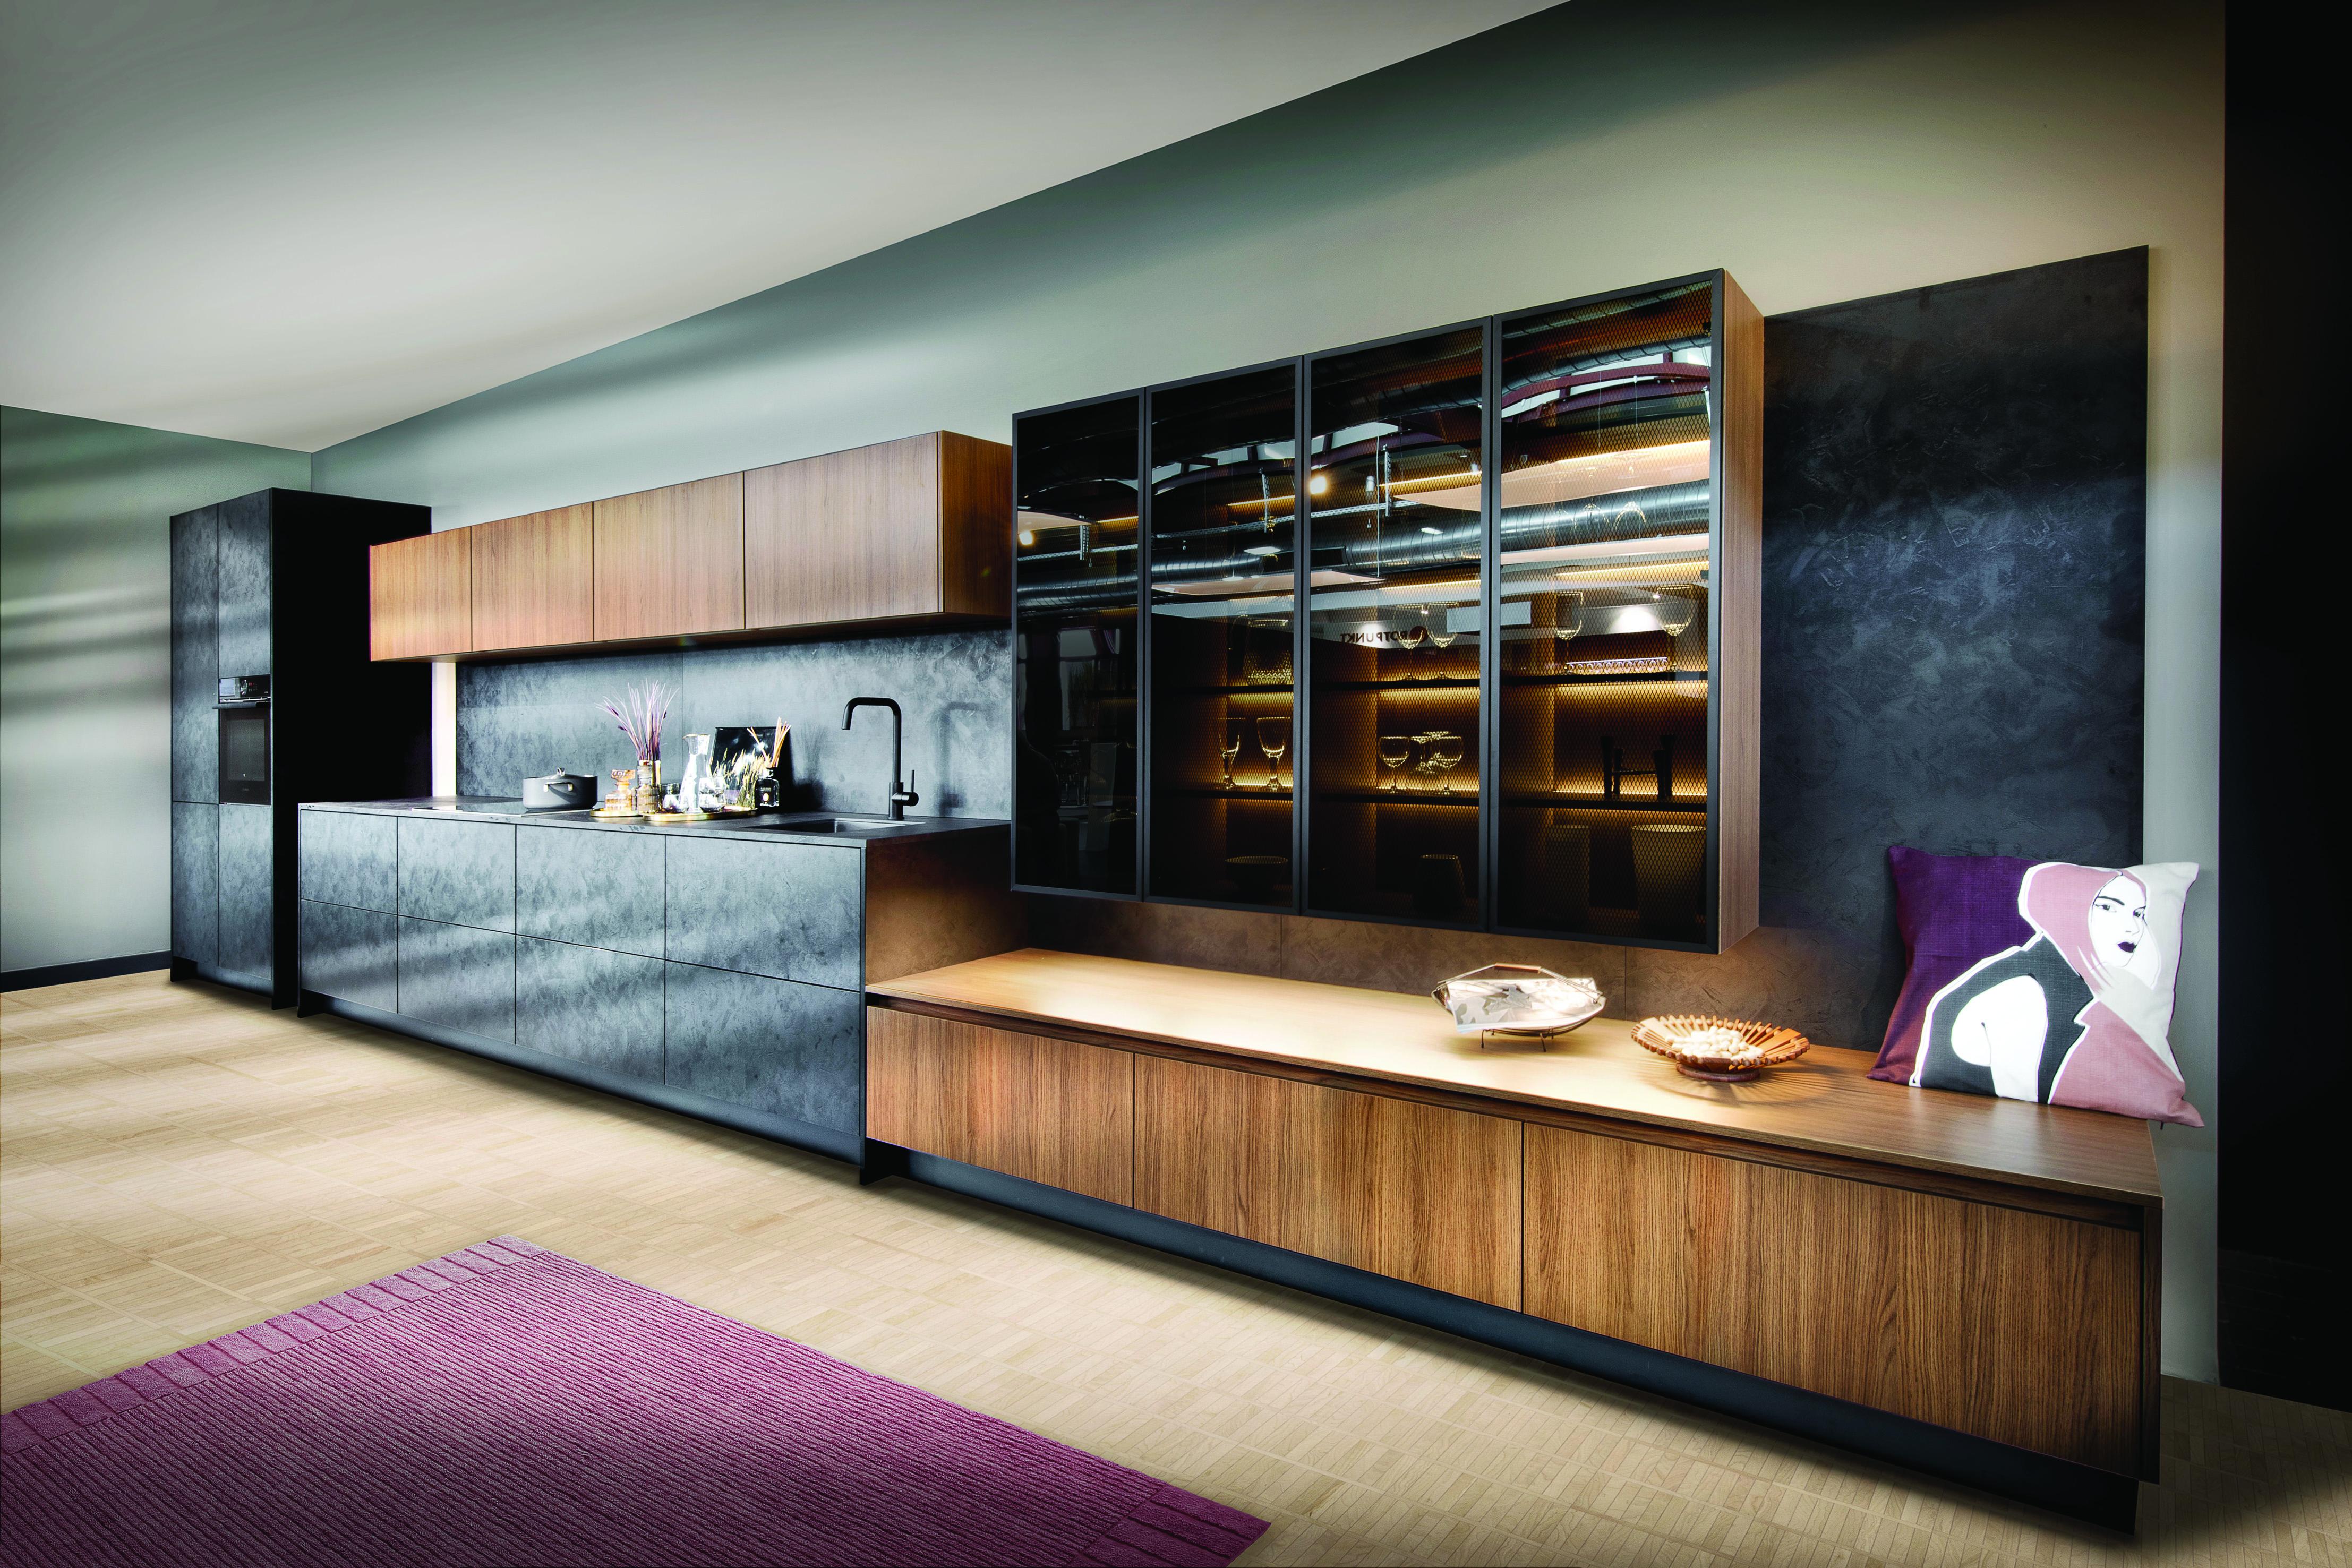 New Iron KQ Black Steel & Zerox City Brown Oak Kitchen by Rotpunkt – HR1